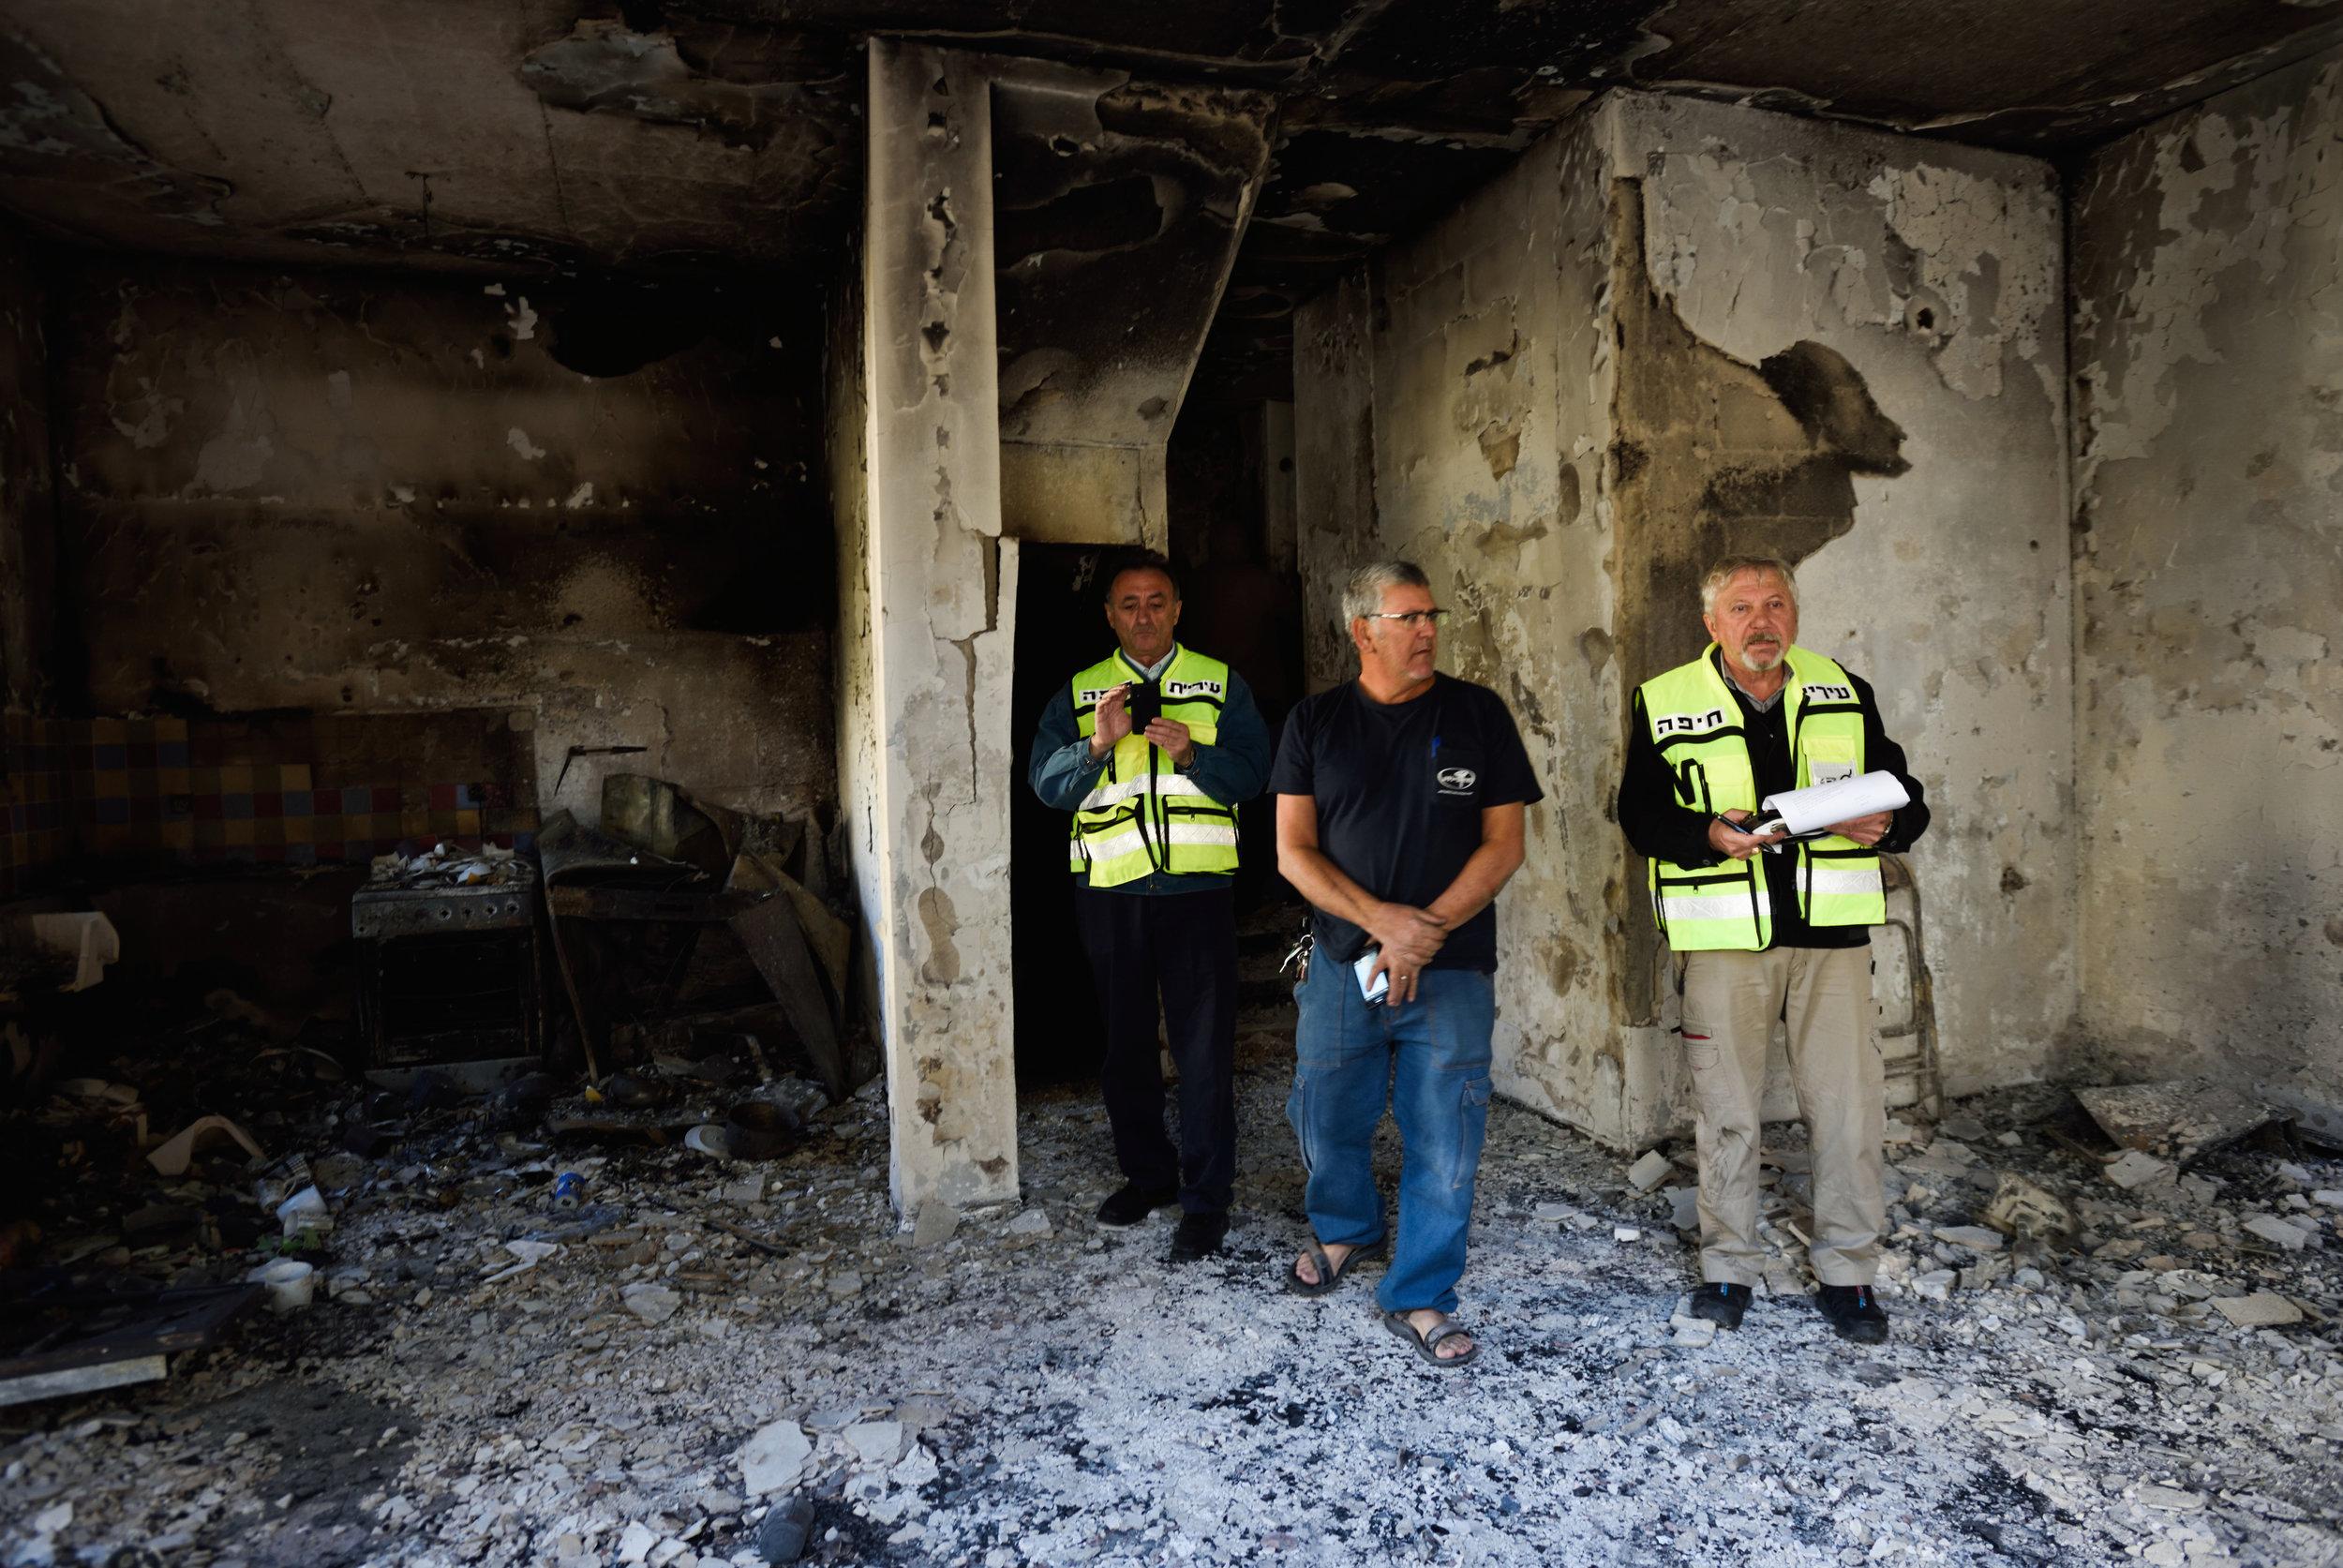 Israelis inspect the damage to a burnt house in Haifa Nov. 25, 2016. Credit: Gili Yaari/Flash90.